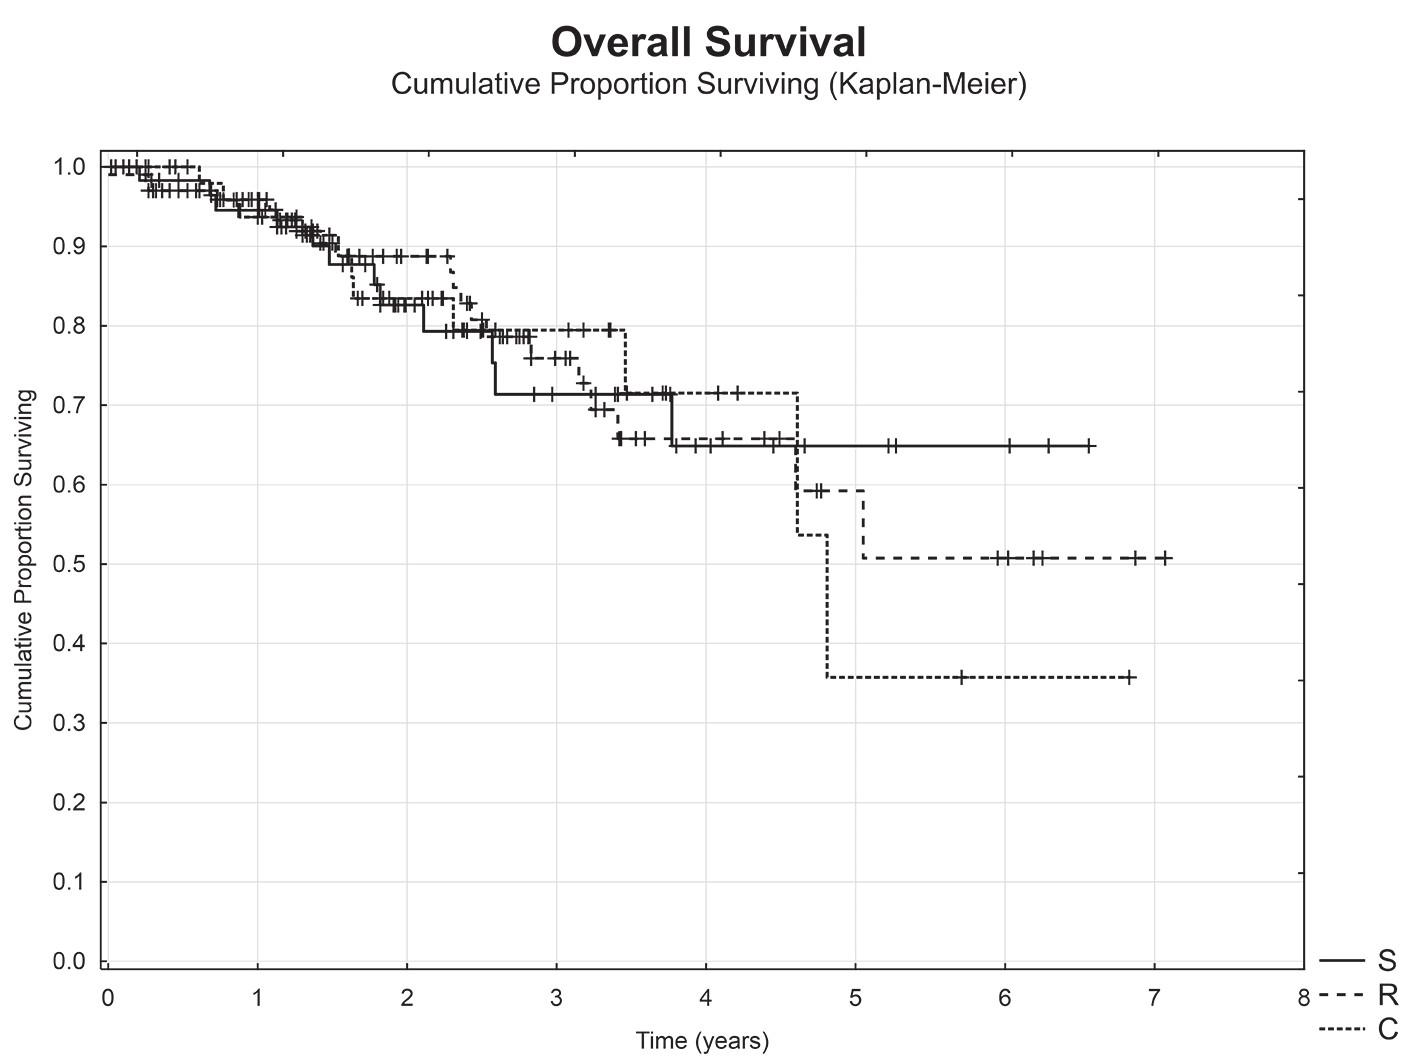 Celkové přežití nemocných v závislosti na origu tumoru (sigmoideum (S) vs. kolon (C) vs. rektum (R)) Graph 3: Overal survival with respect to location of tumor (sigmoideum (S) vs colon (C) vs rectum (R))